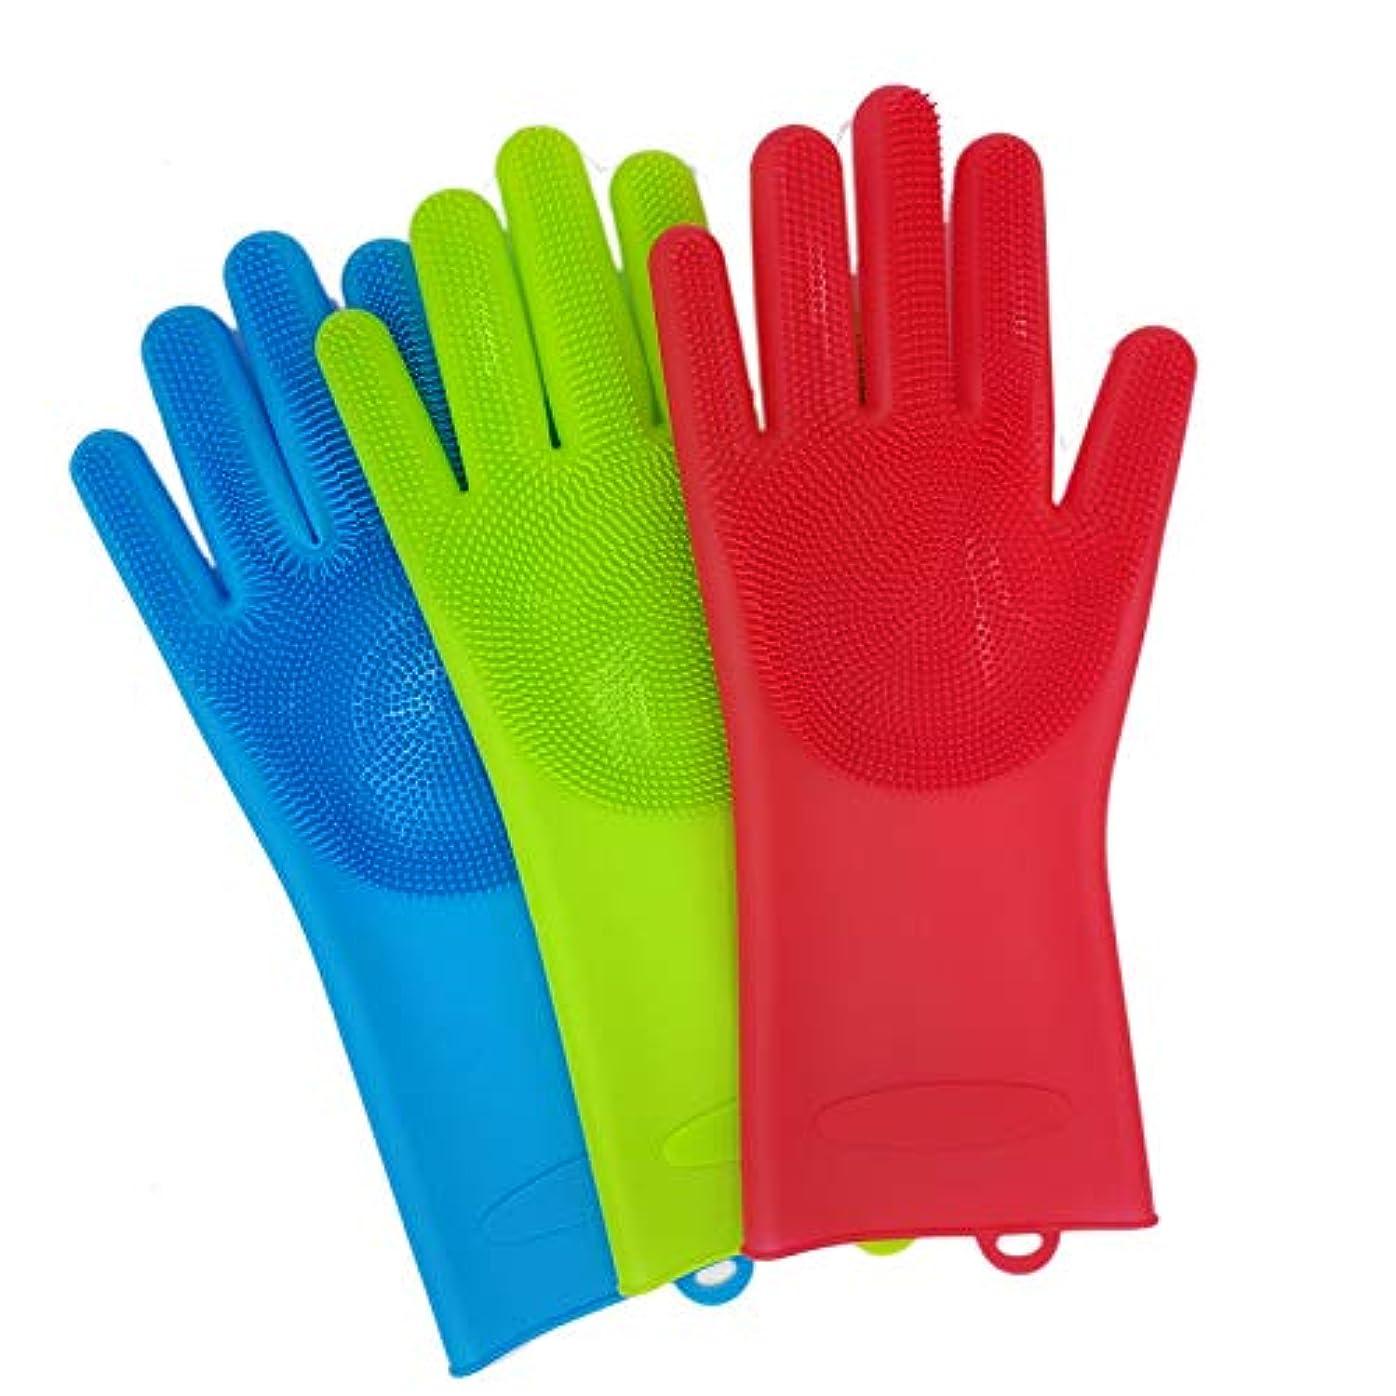 ジャンピングジャックデータベースそれBTXXYJP 手袋 ペット ブラシ 猫 ブラシ グローブ 耐摩耗 クリーナー 抜け毛取り マッサージブラシ 犬 グローブ ペット毛取りブラシ お手入れ (Color : Blue, Size : L)